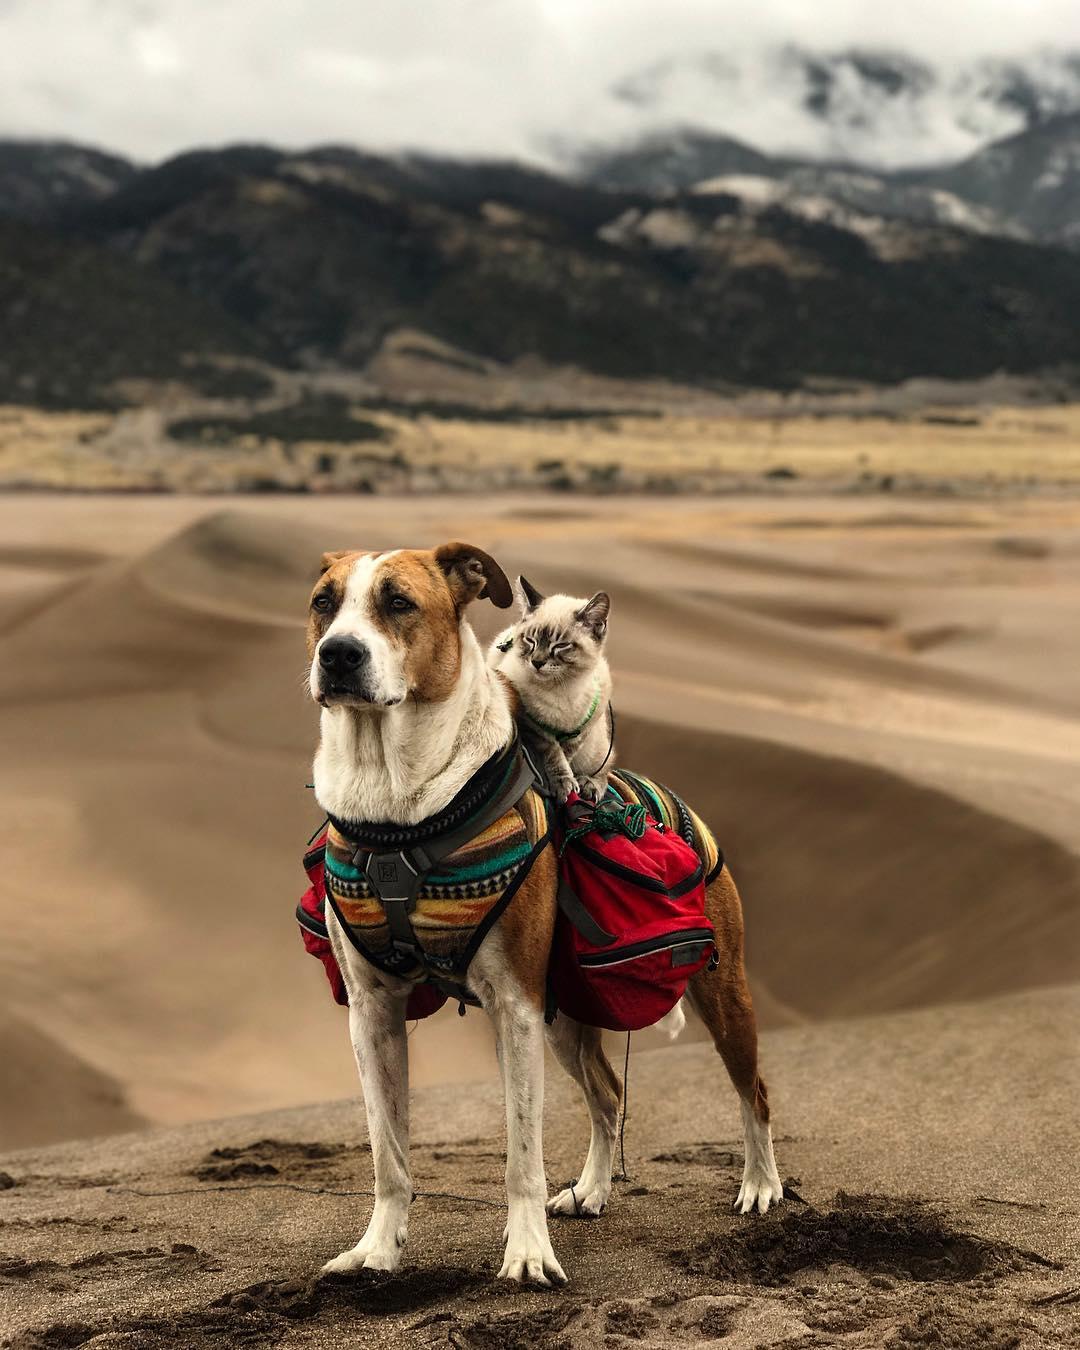 Loạt ảnh 2 chàng chó mèo đi du lịch cùng nhau khiến người người ganh tị